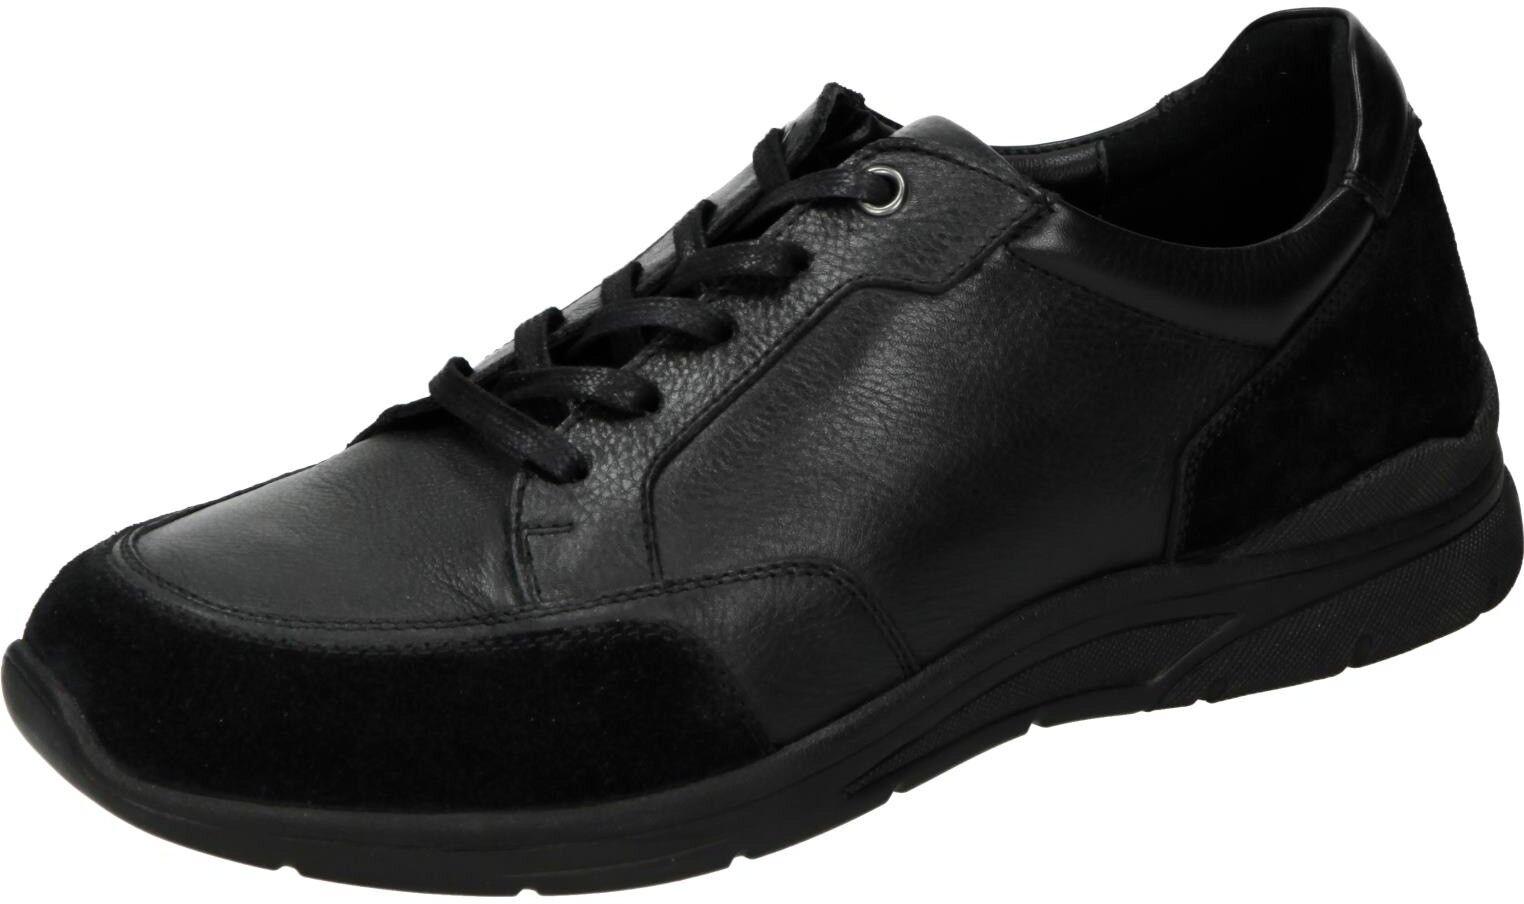 Comfortabel Comfortabel Comfortabel Herren Schuhe Herren Schnürer ... Charakteristisch